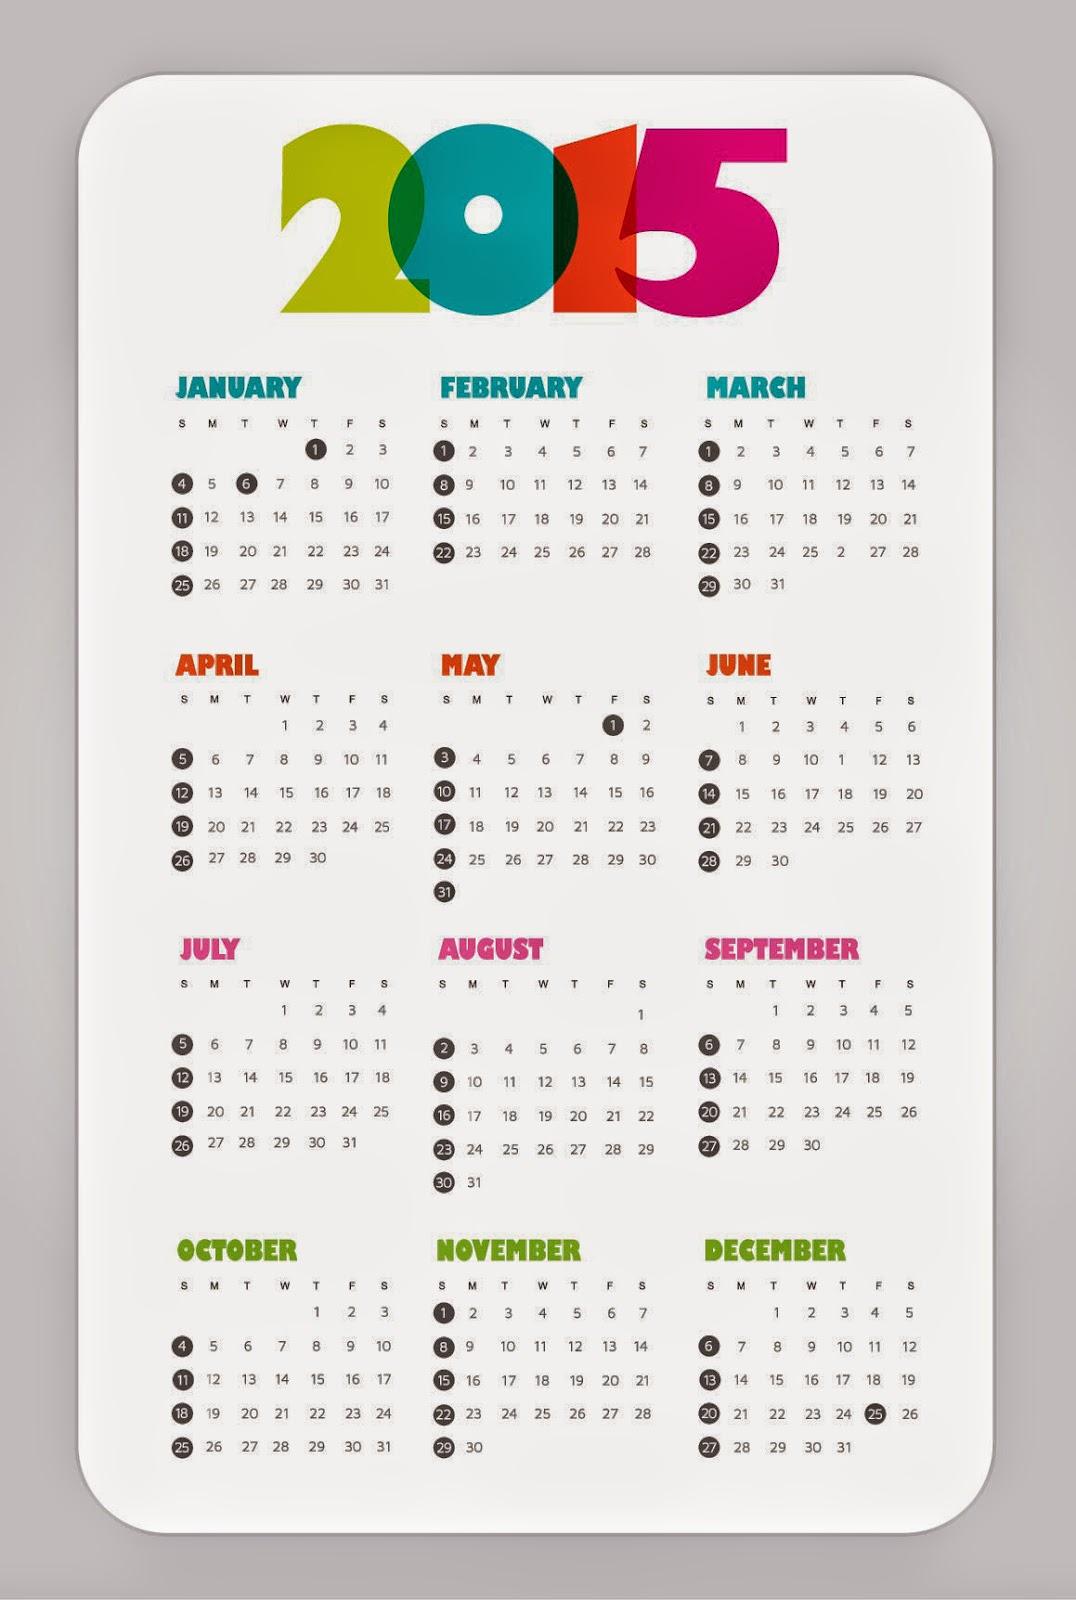 التقويم الهجري 1436, التقويم الميلادي 2015 ...